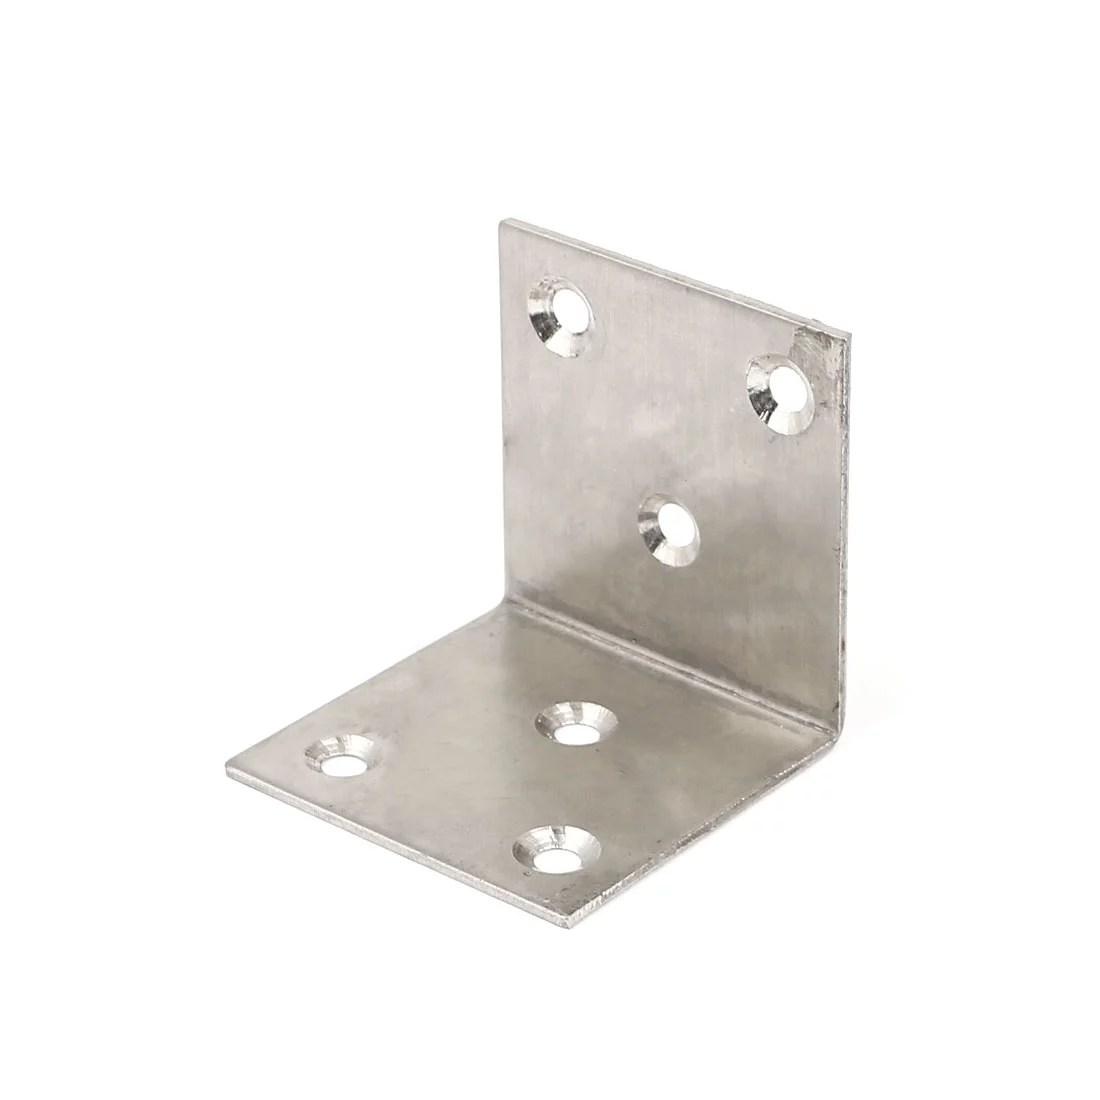 50mmx50mm L Shape Stainless Steel Shelf Wall Corner Brace